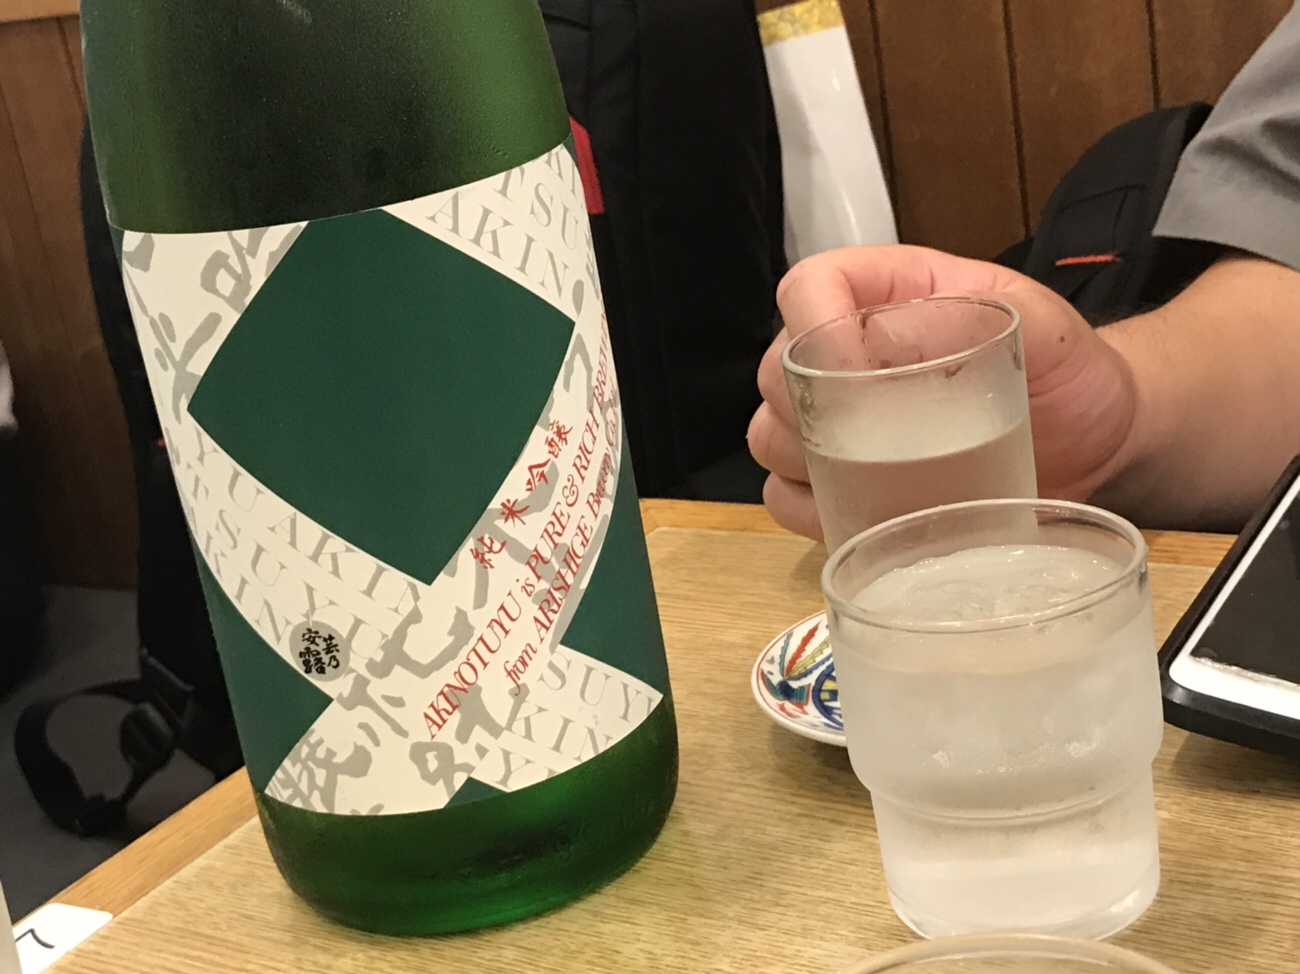 川栄李奈主演「恋のしずく」のお酒 限定販売「安芸乃露」